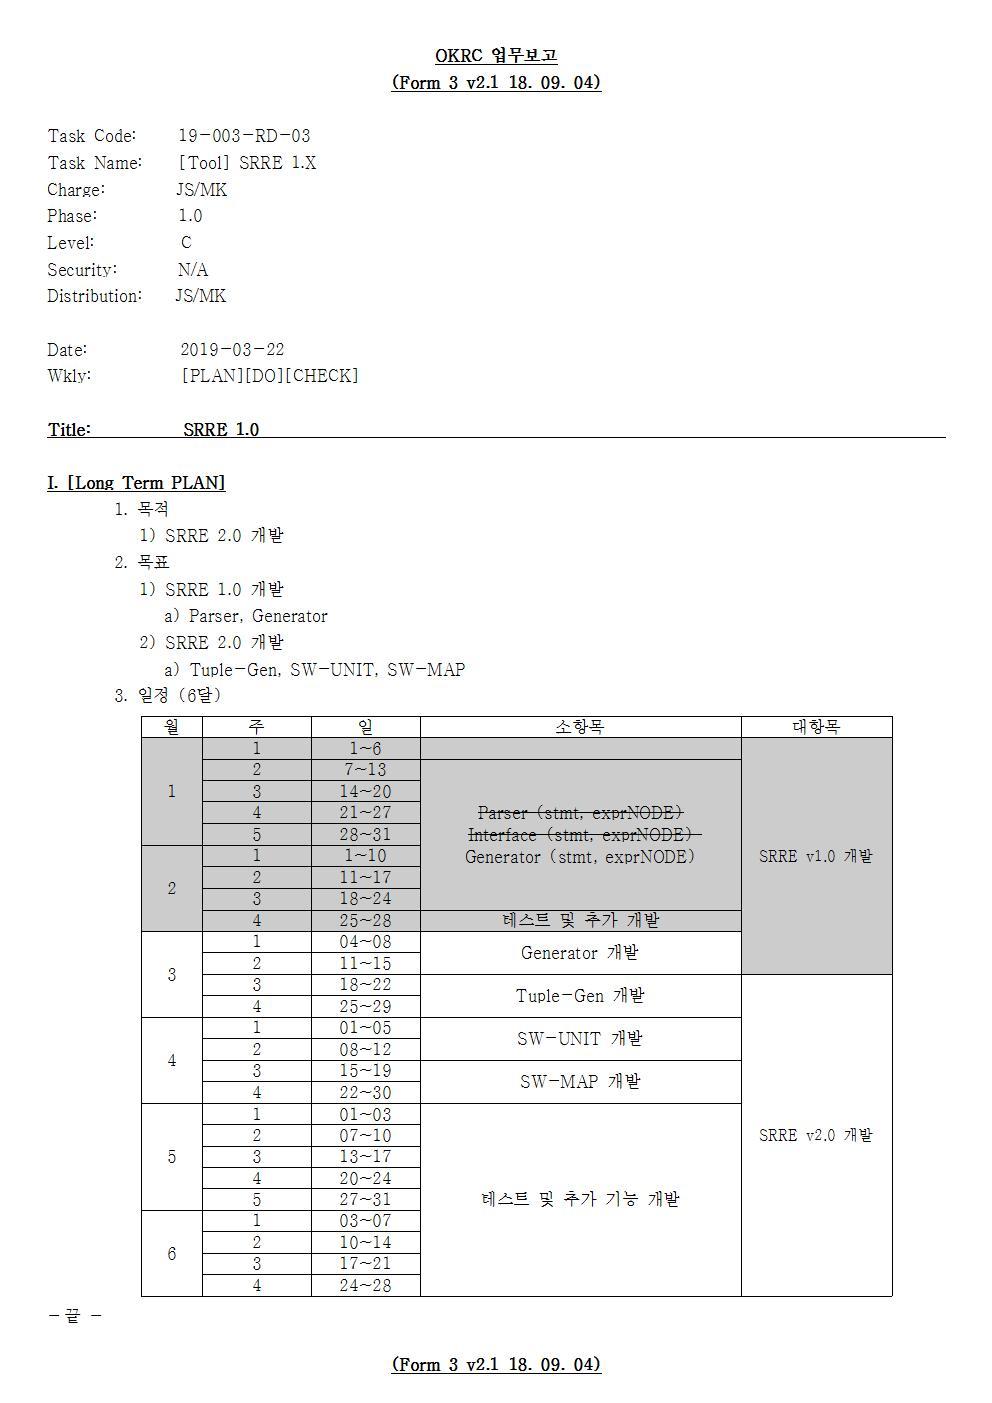 D-[19-003-RD-03]-[Tool-SRRE-1.X]-[2019-03-22][JS]001.jpg